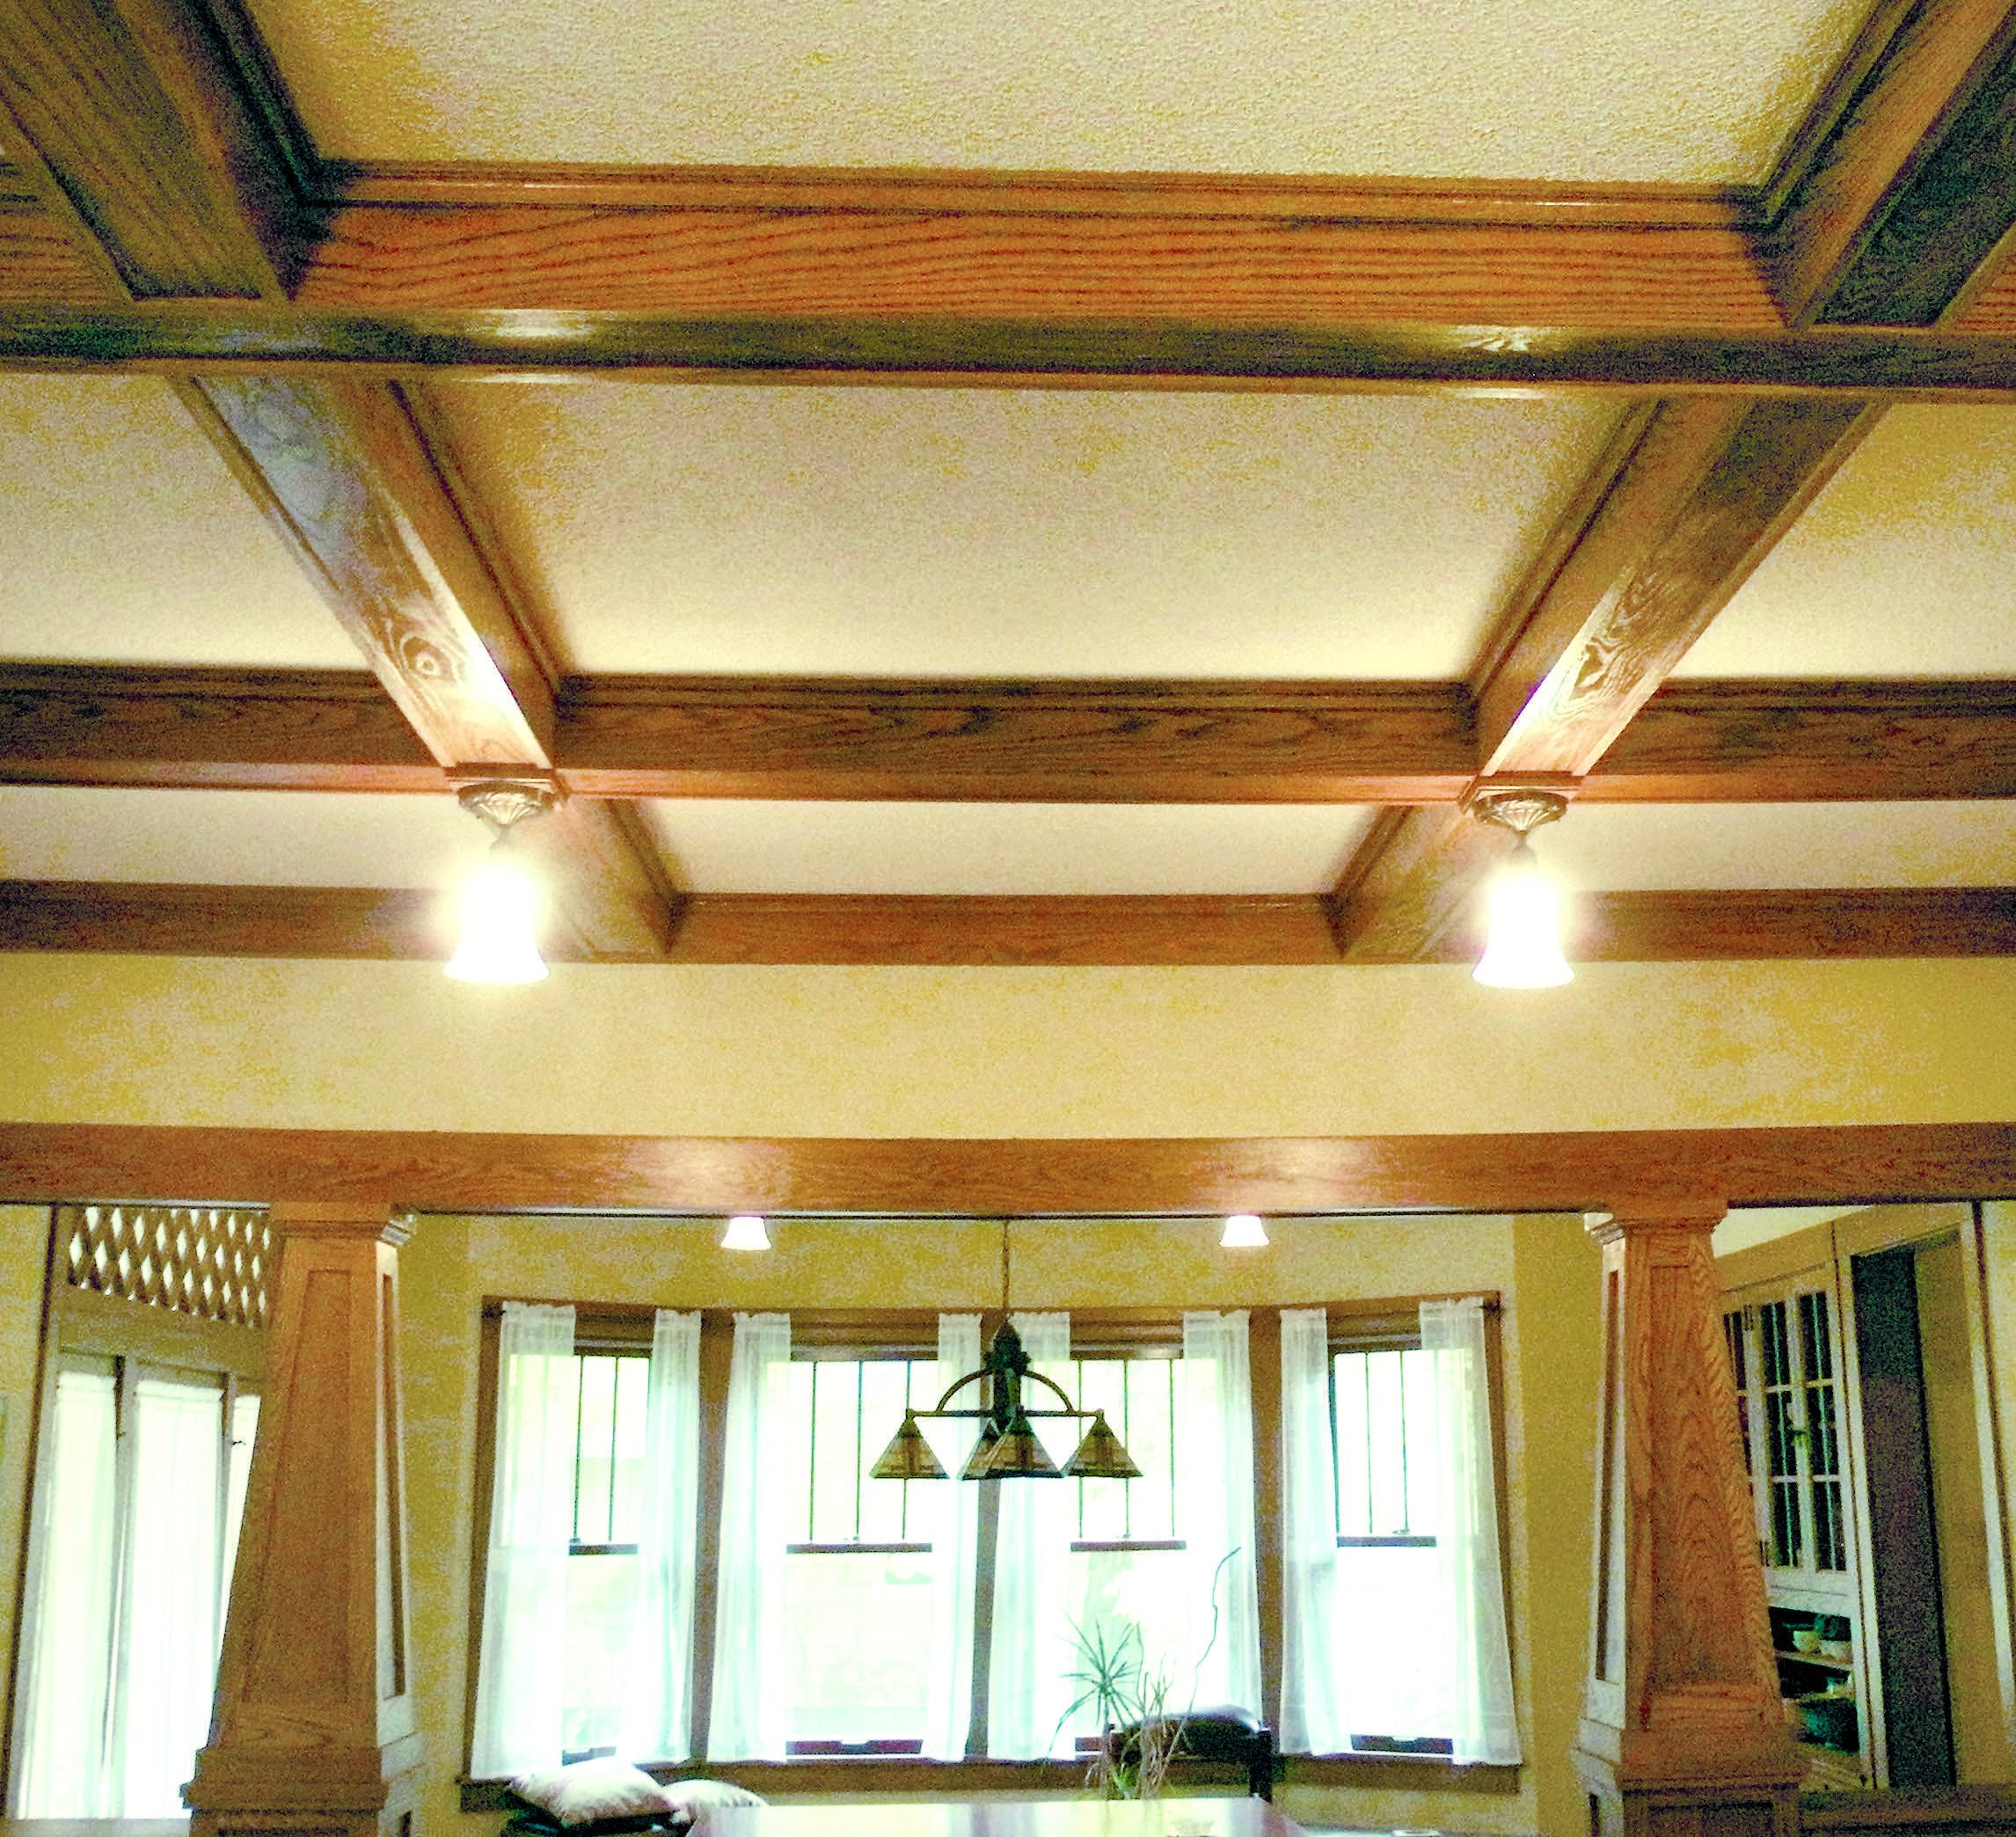 5 ceiling_beams_crop_gn